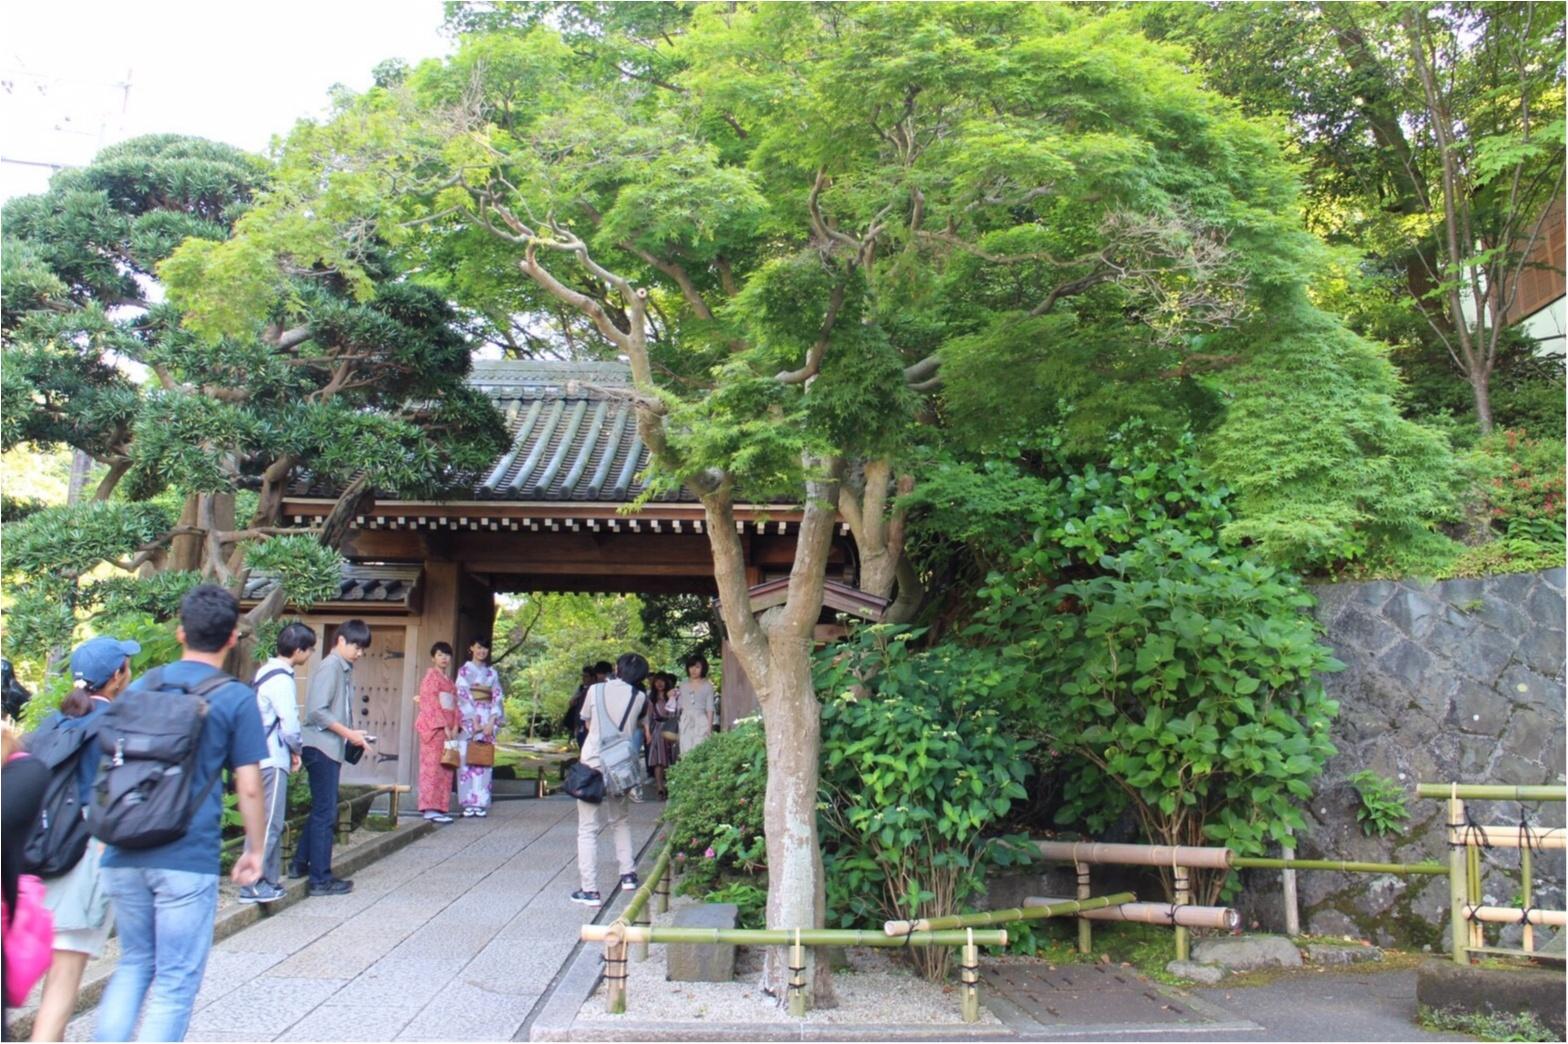 【鎌倉】着物で行きたいスポットNo.1♡フォトジェニックすぎる「報国寺」散策!_1